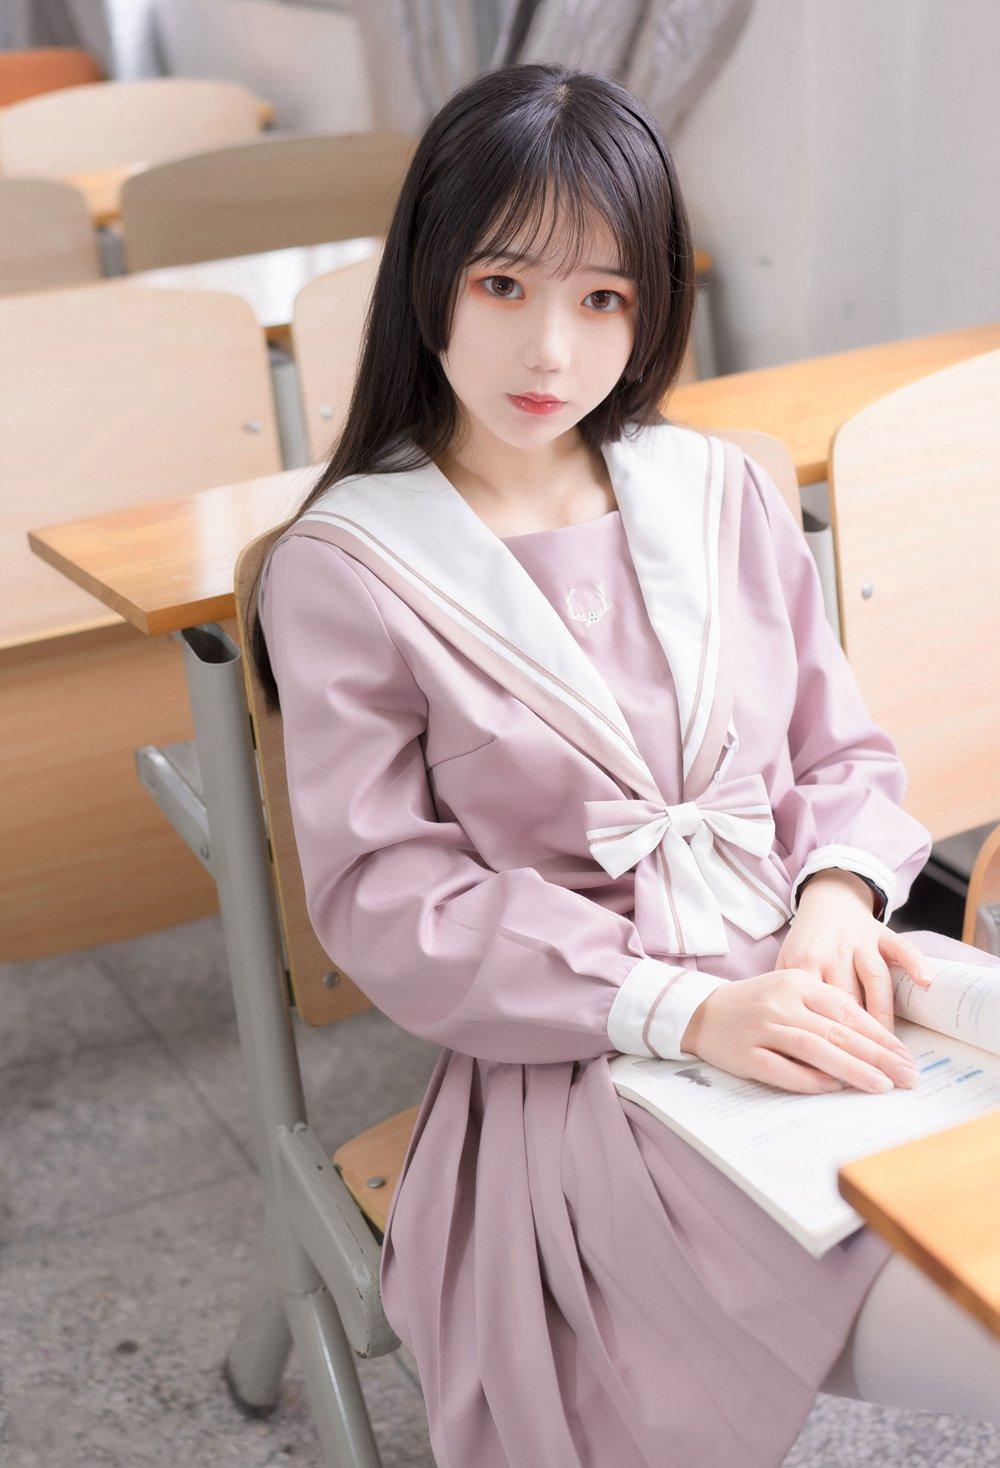 [喵糖映画] VOL.074 粉色JK小姐姐 [49P] -第1张